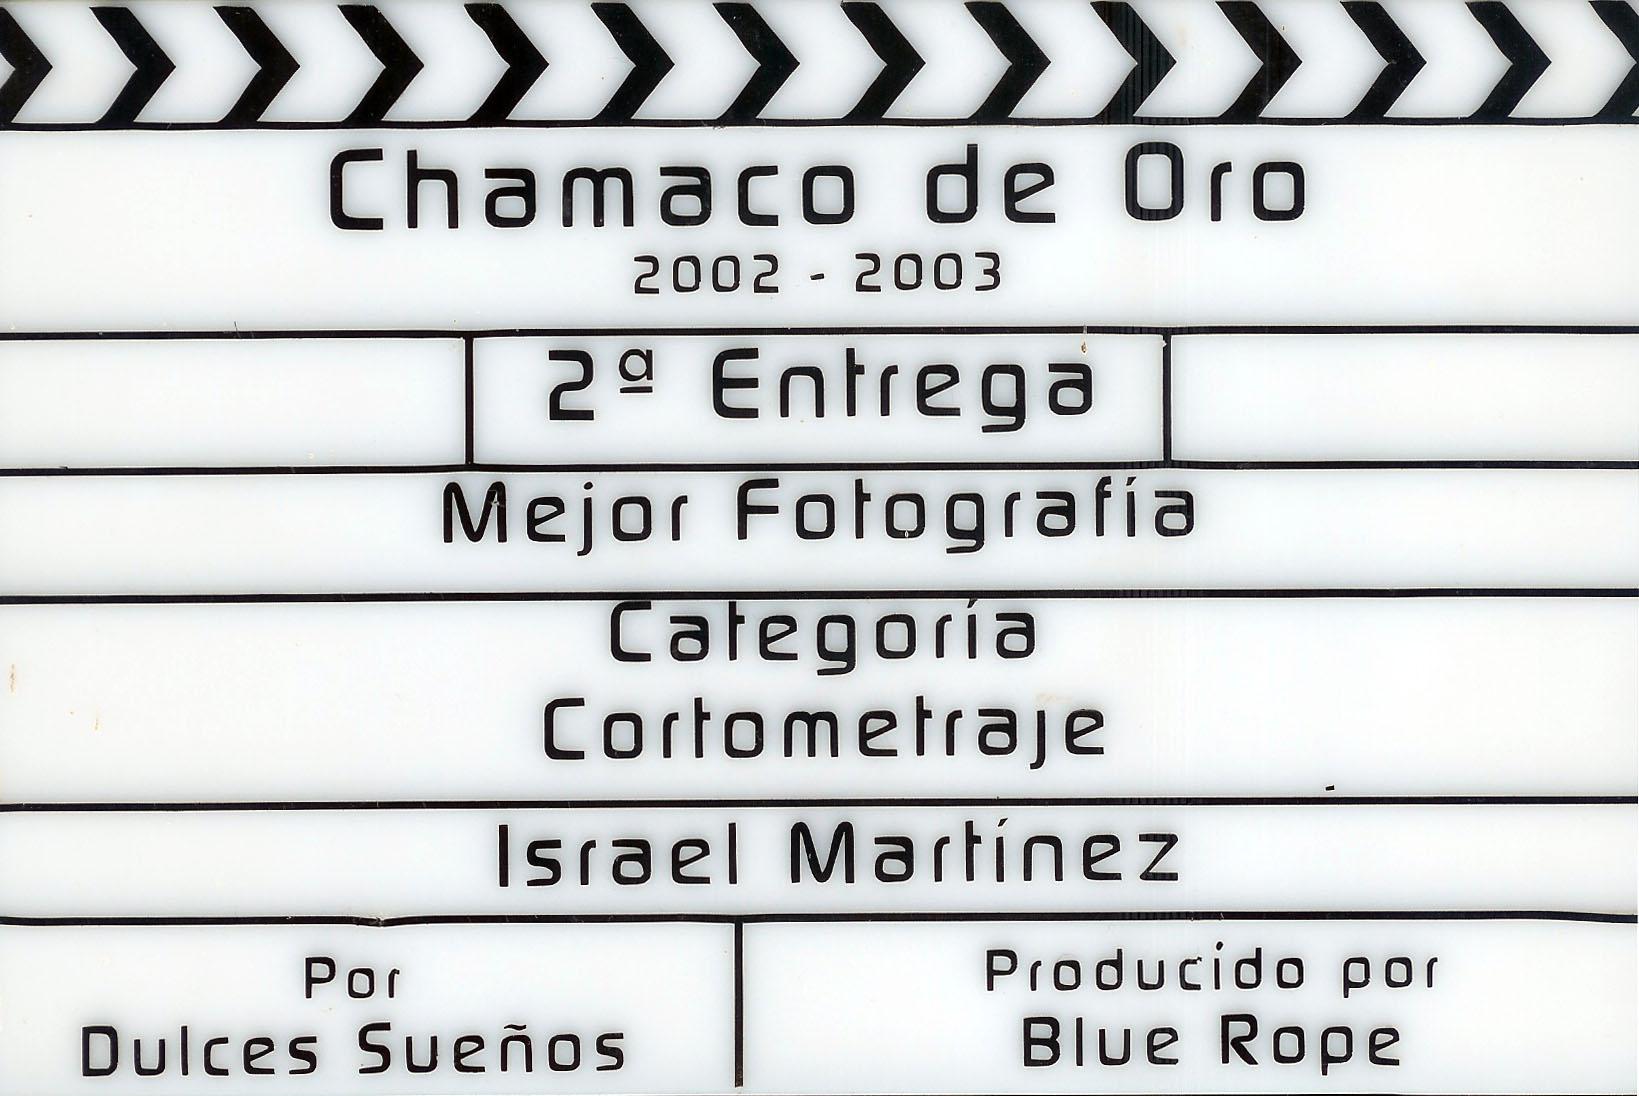 rec-foto-cortometraje